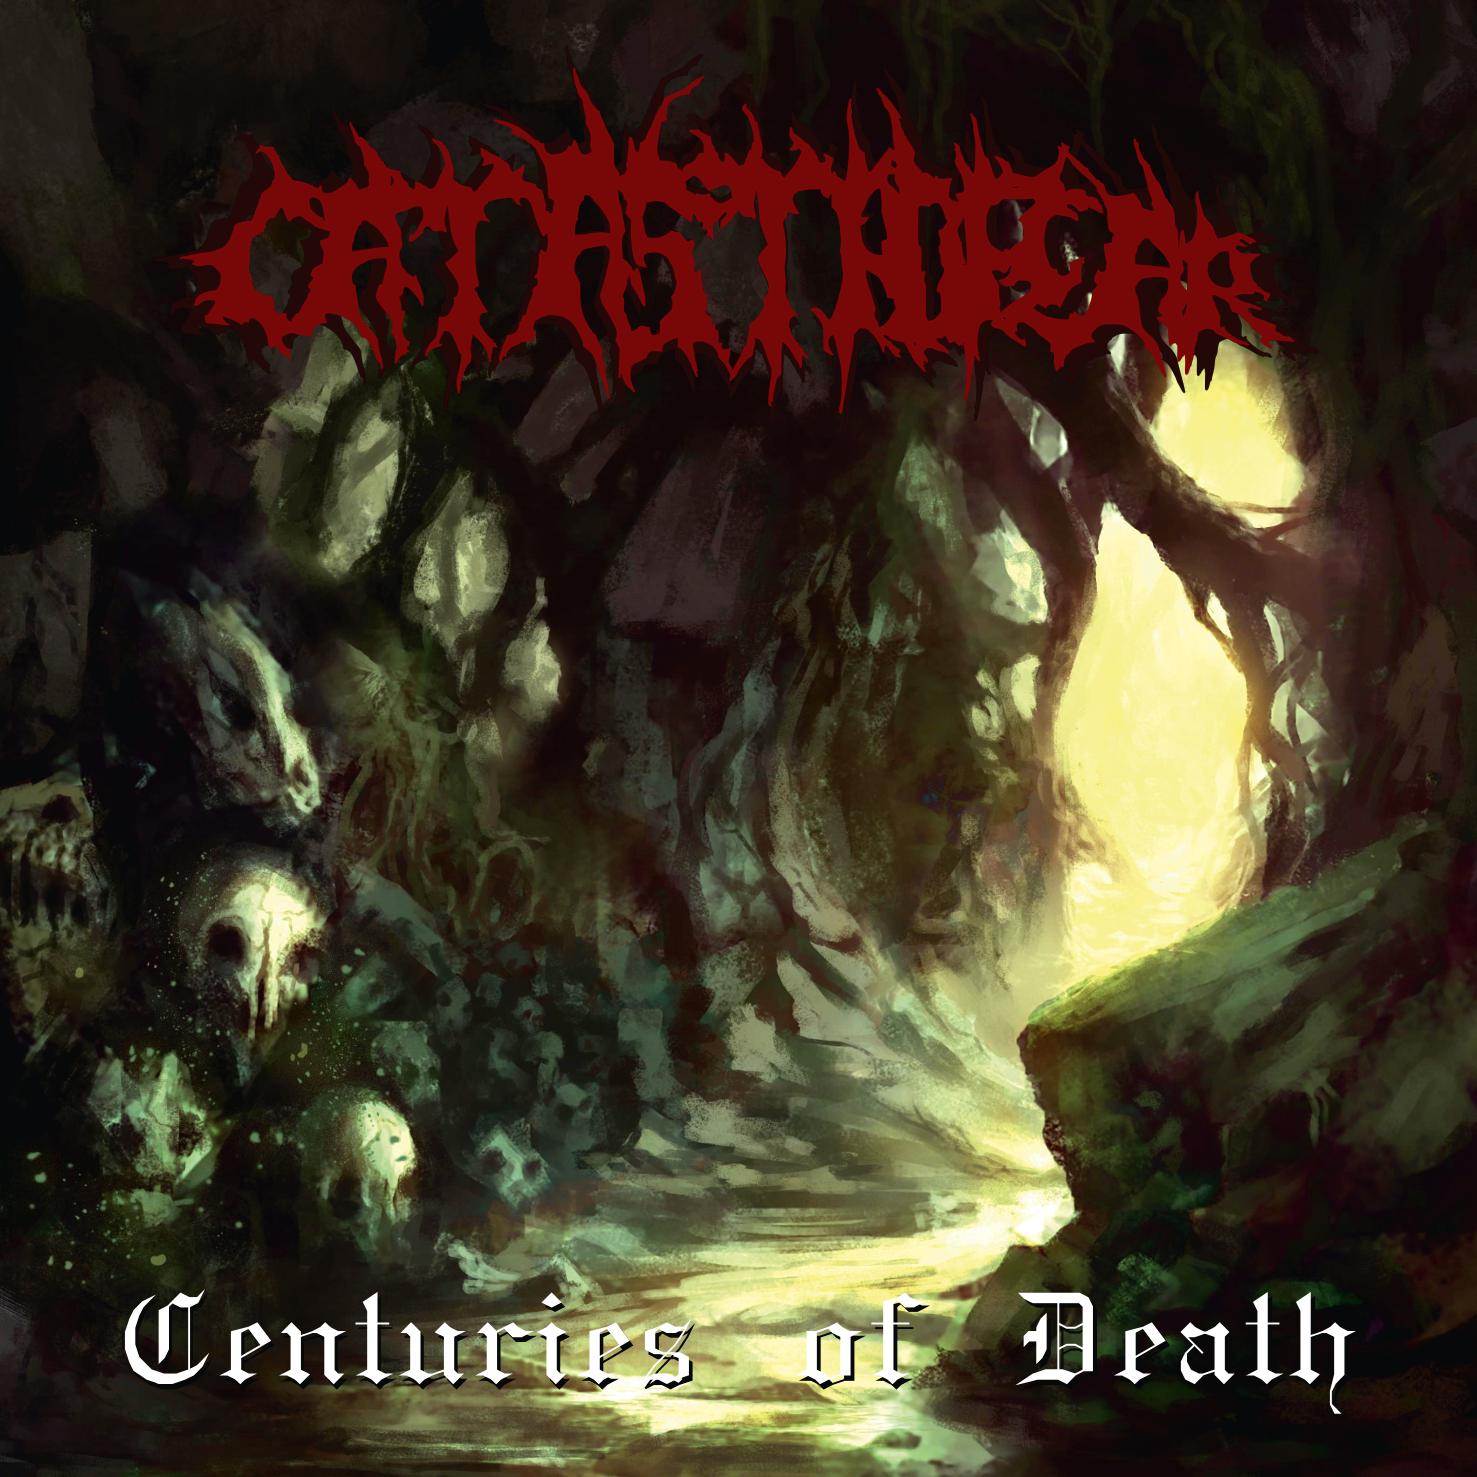 catastrofear-centuries-of-death-ein-album-review